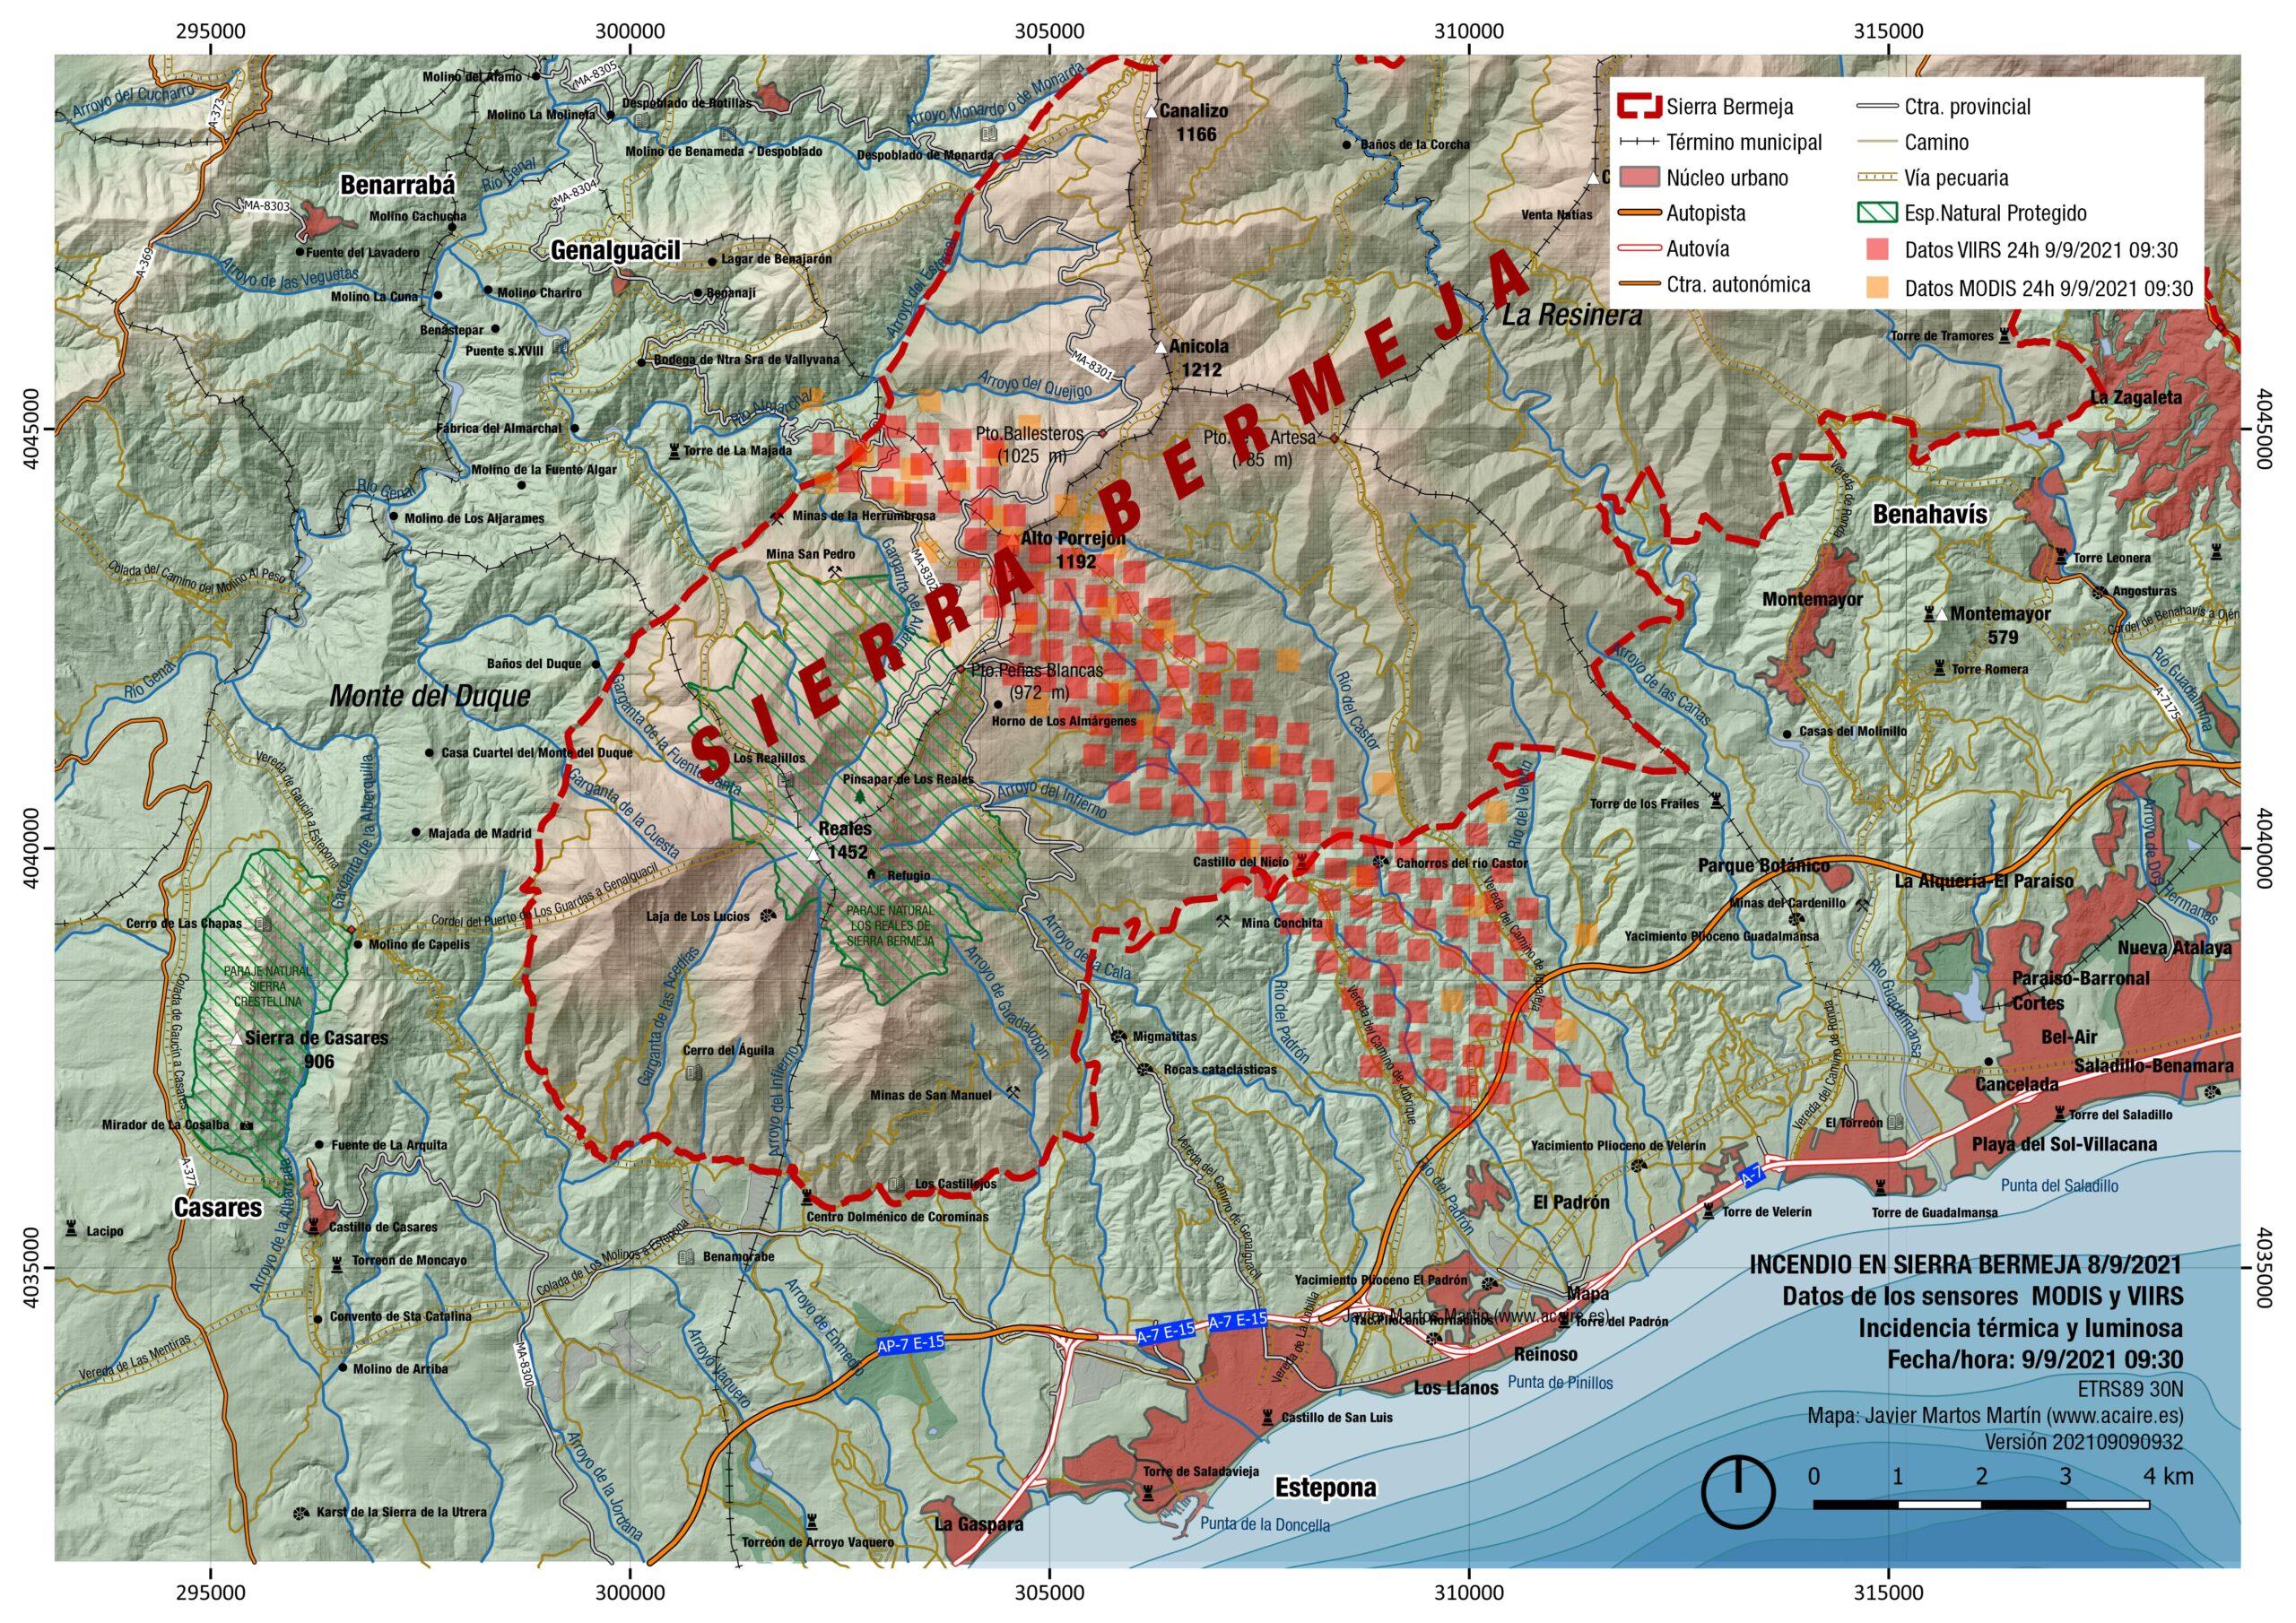 Incendio de Sierra Bermeja. Estimación del 9/9/2021